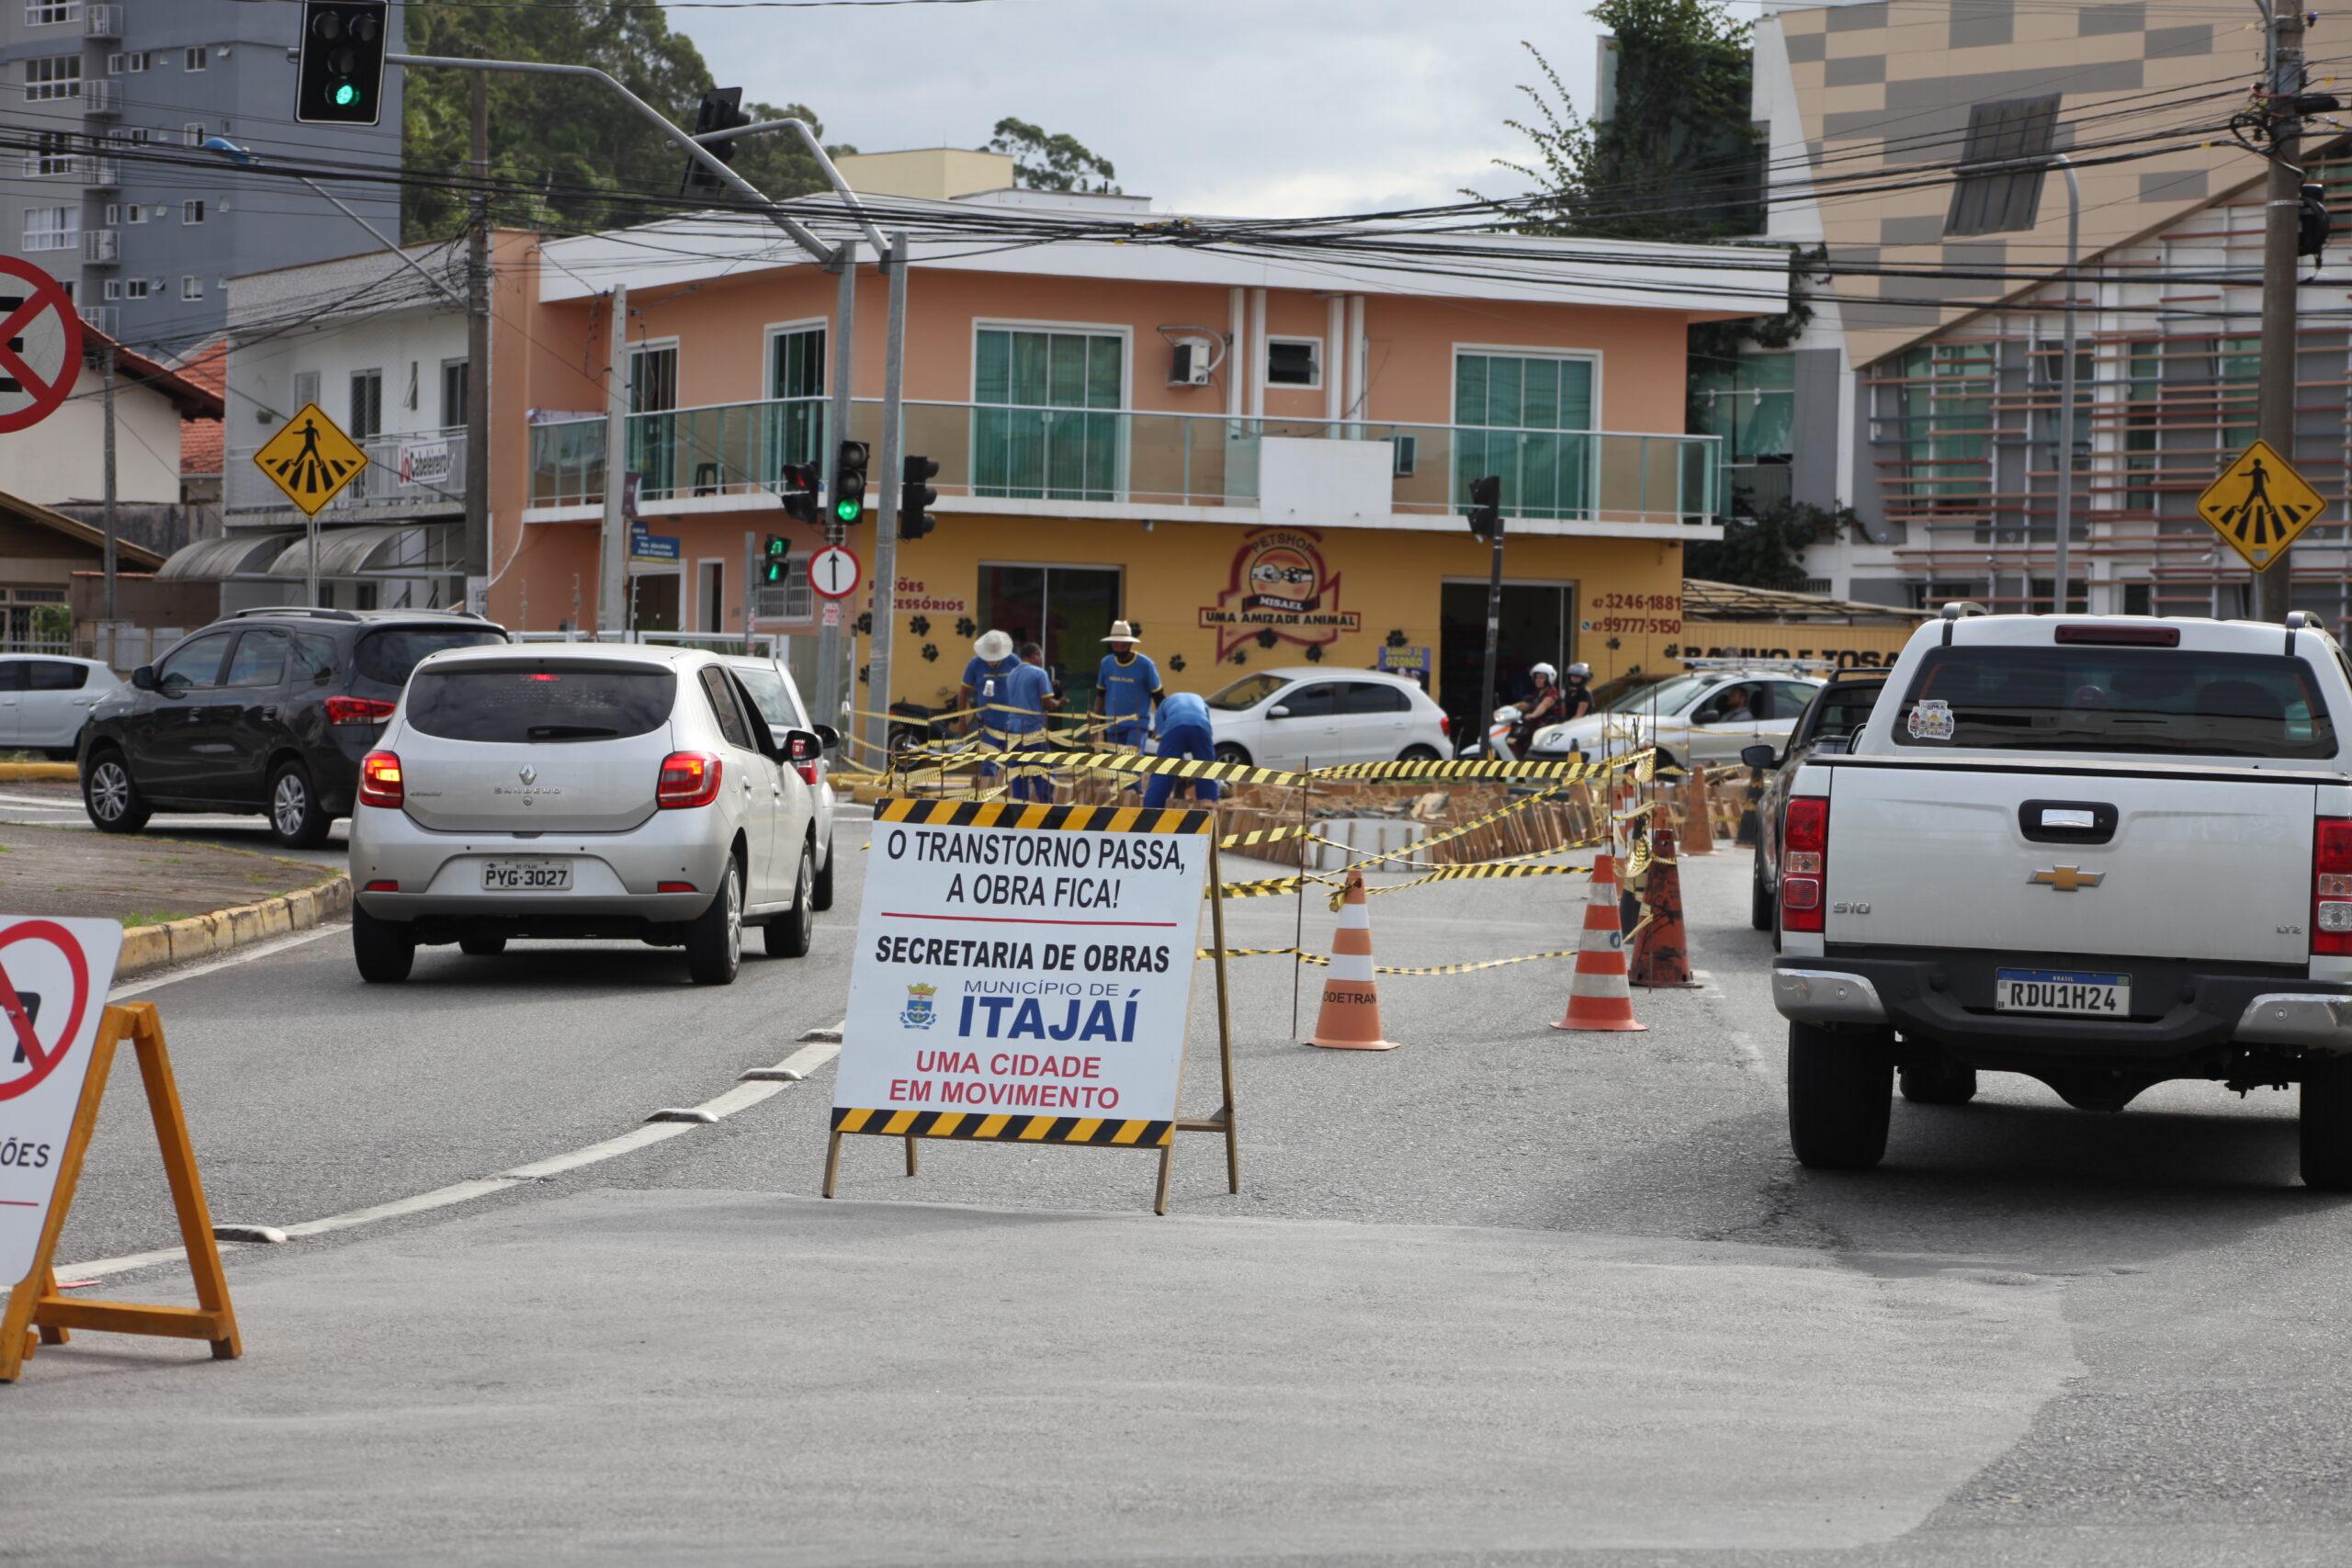 Transformações no Trânsito de Itajaí: ganhará novas pistas e facilitará a fluidez no trânsito